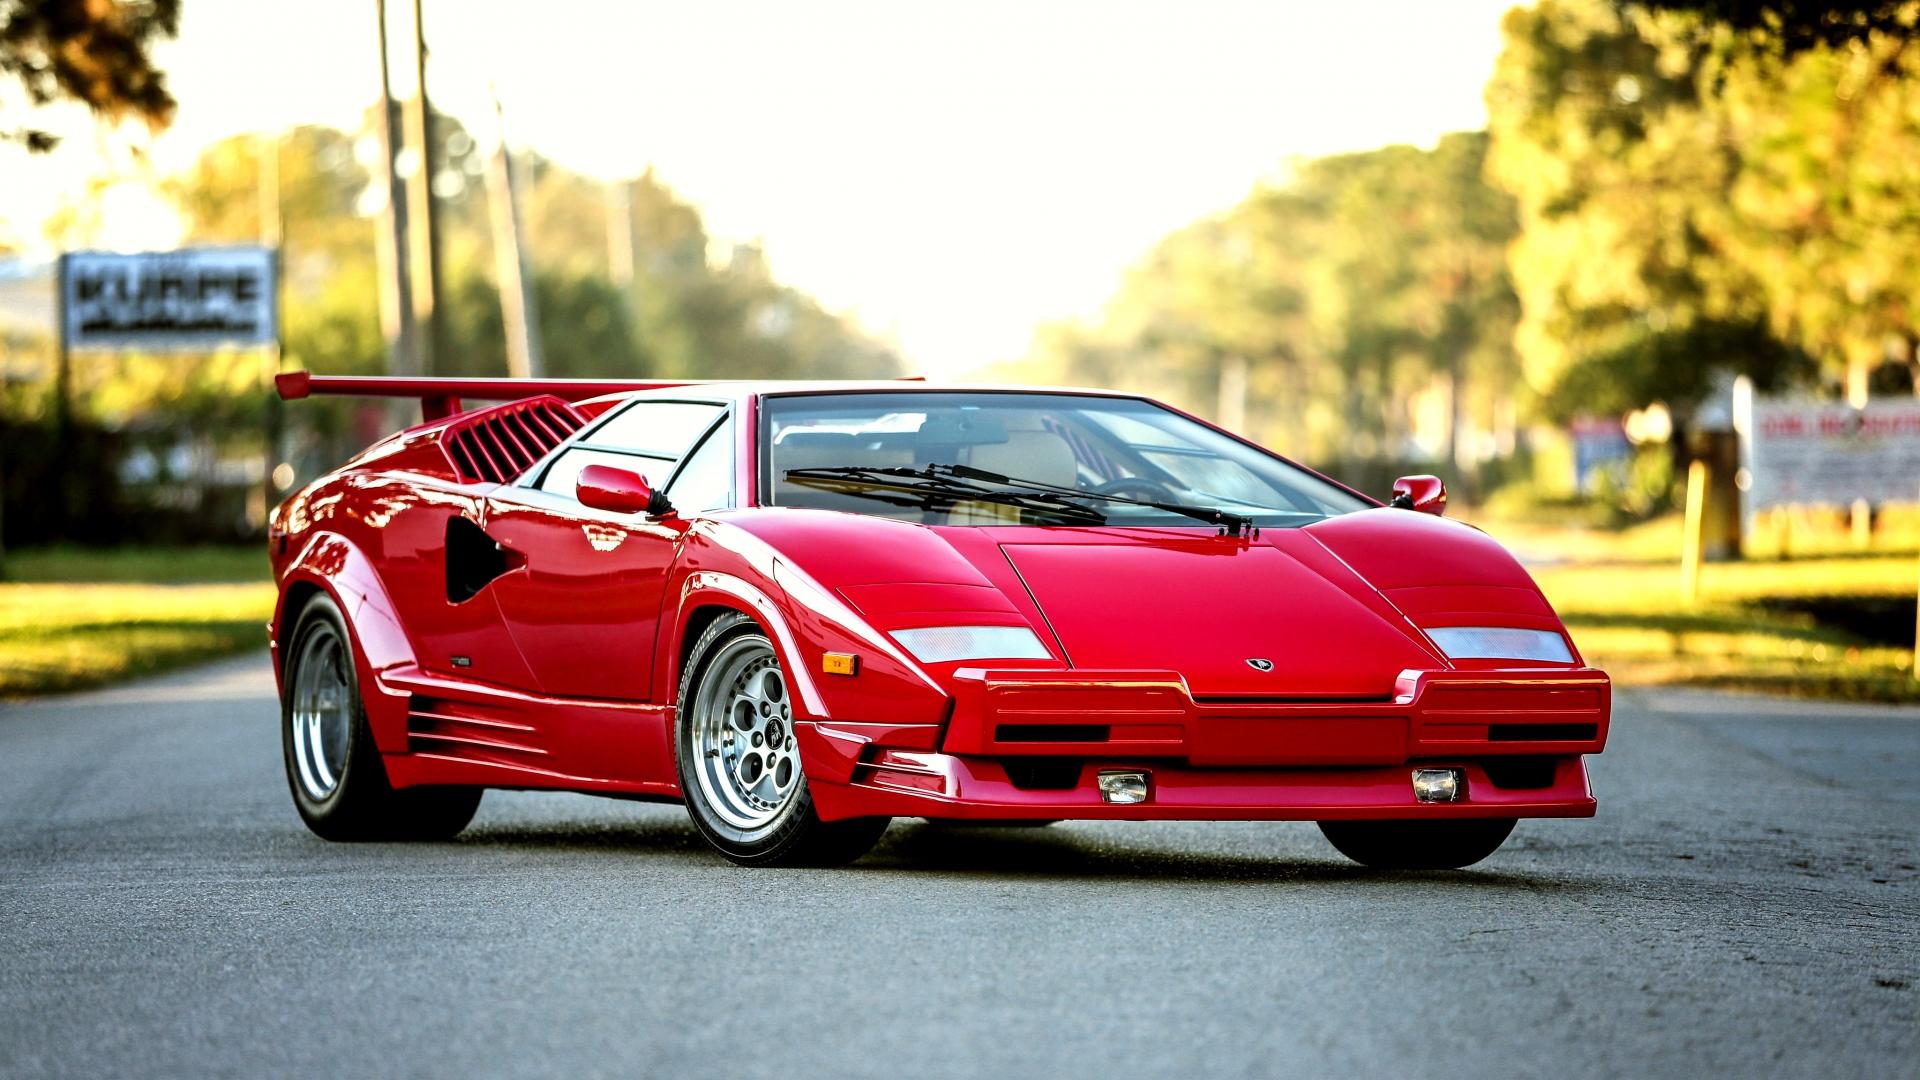 Ultra Hd Wallpapers 8k Cars Pack Ten Greatest Ferrari Amp Lamborghini Cars Garage Dreams